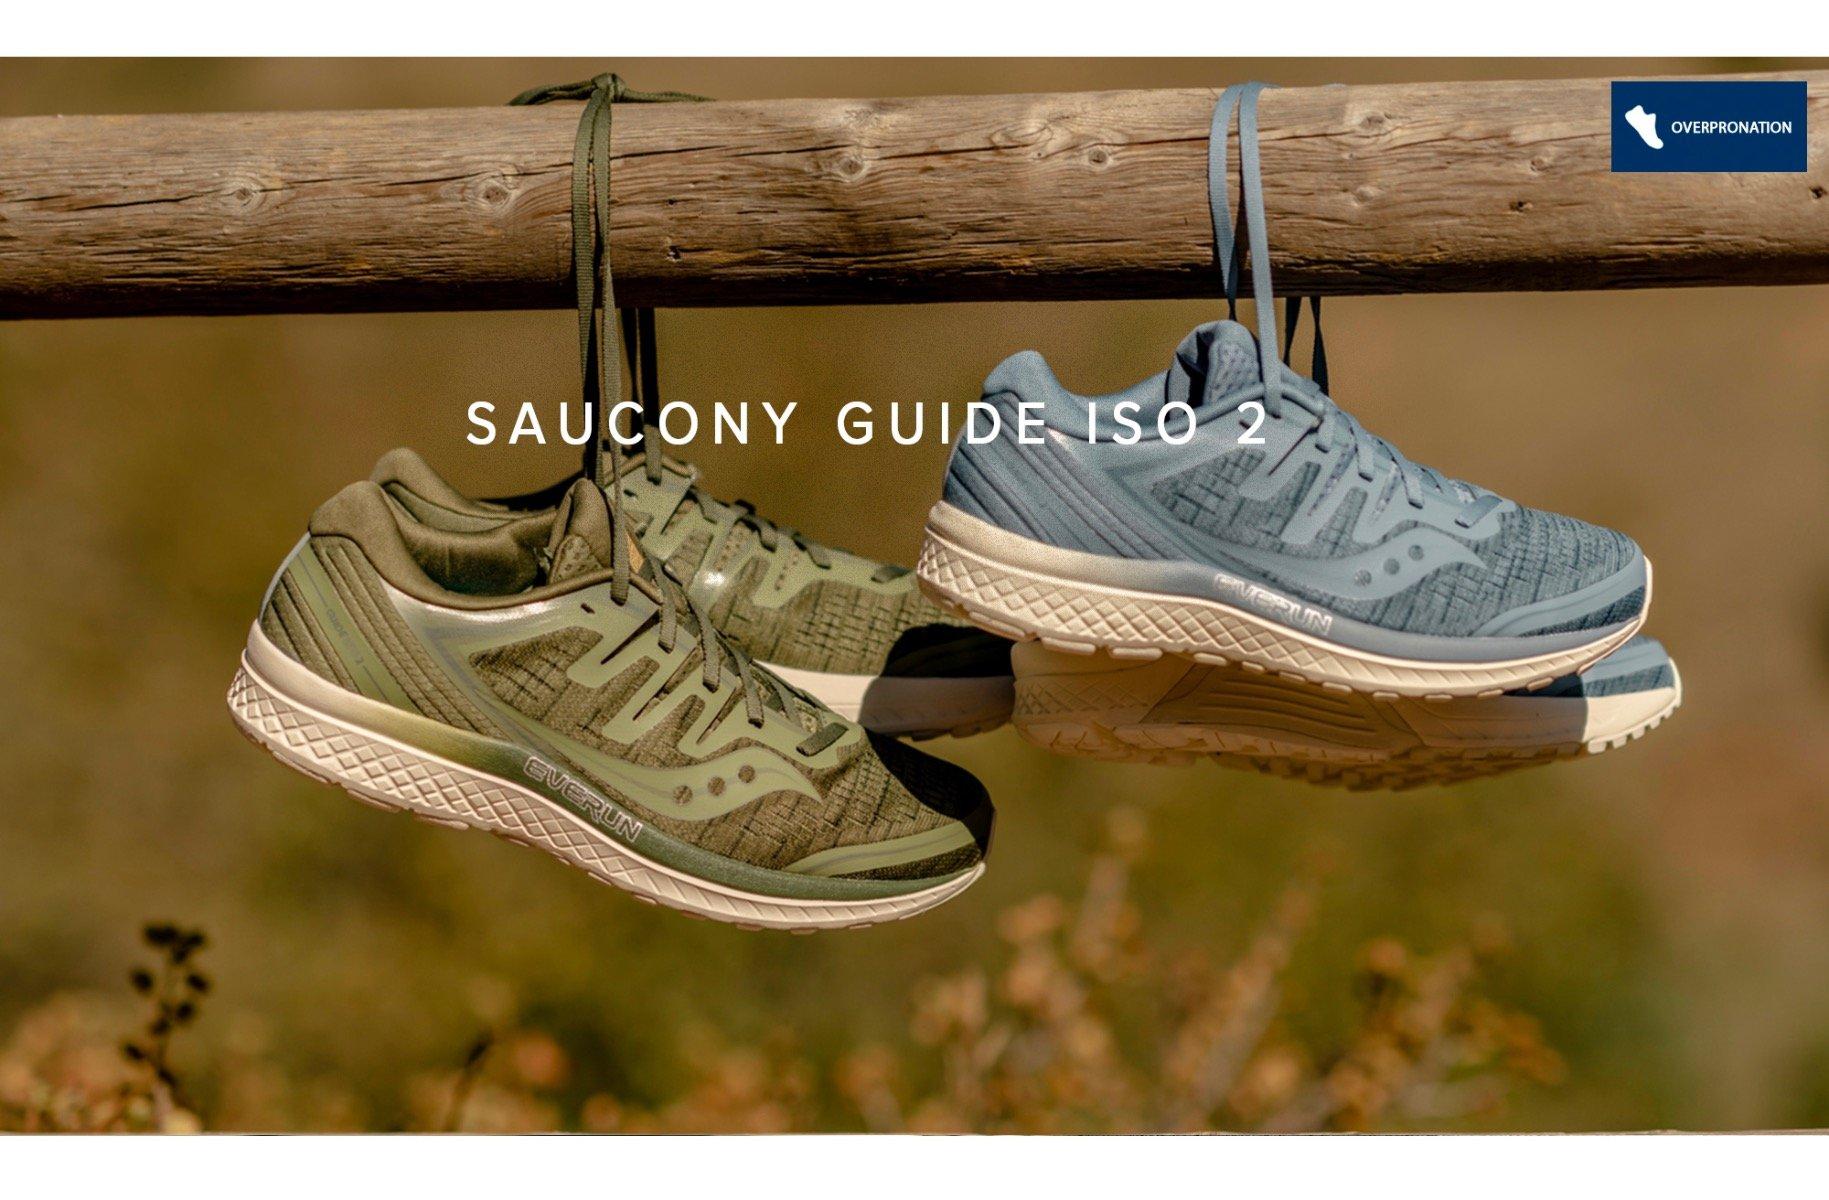 Saucony løbesko kaiser sport og ortopædi